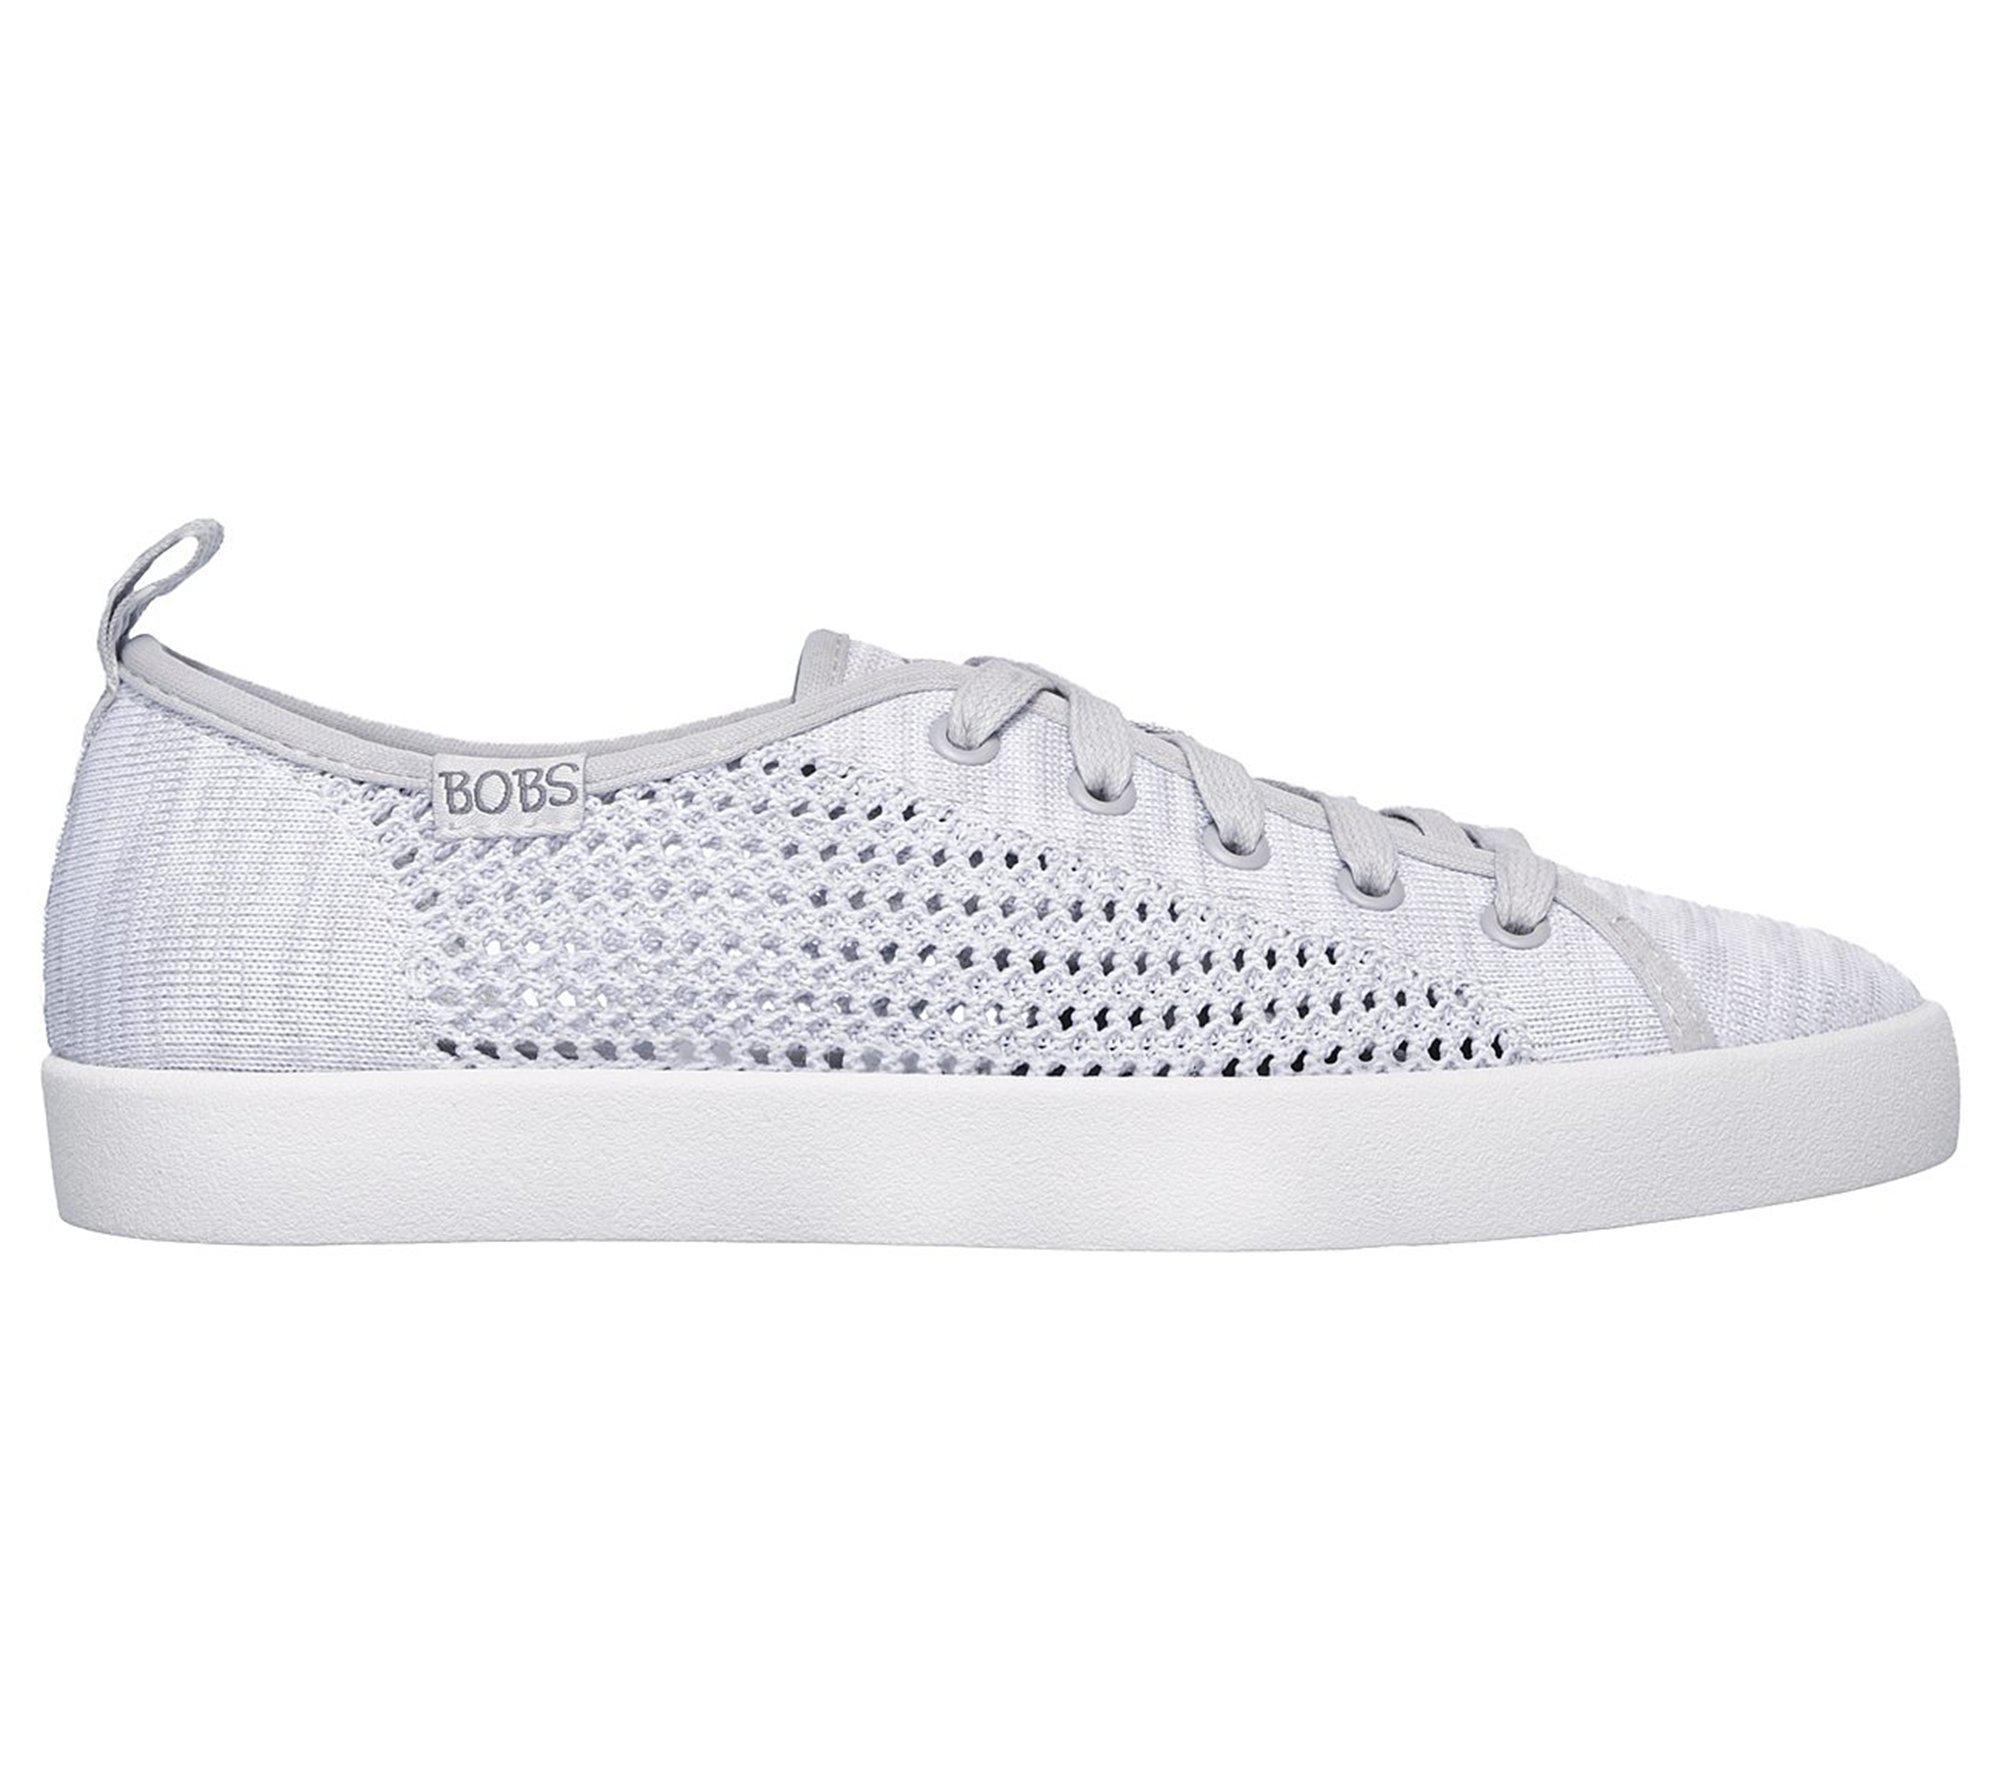 Skechers BOBS B-Loved Spring Blossom Sneaker (Women's)